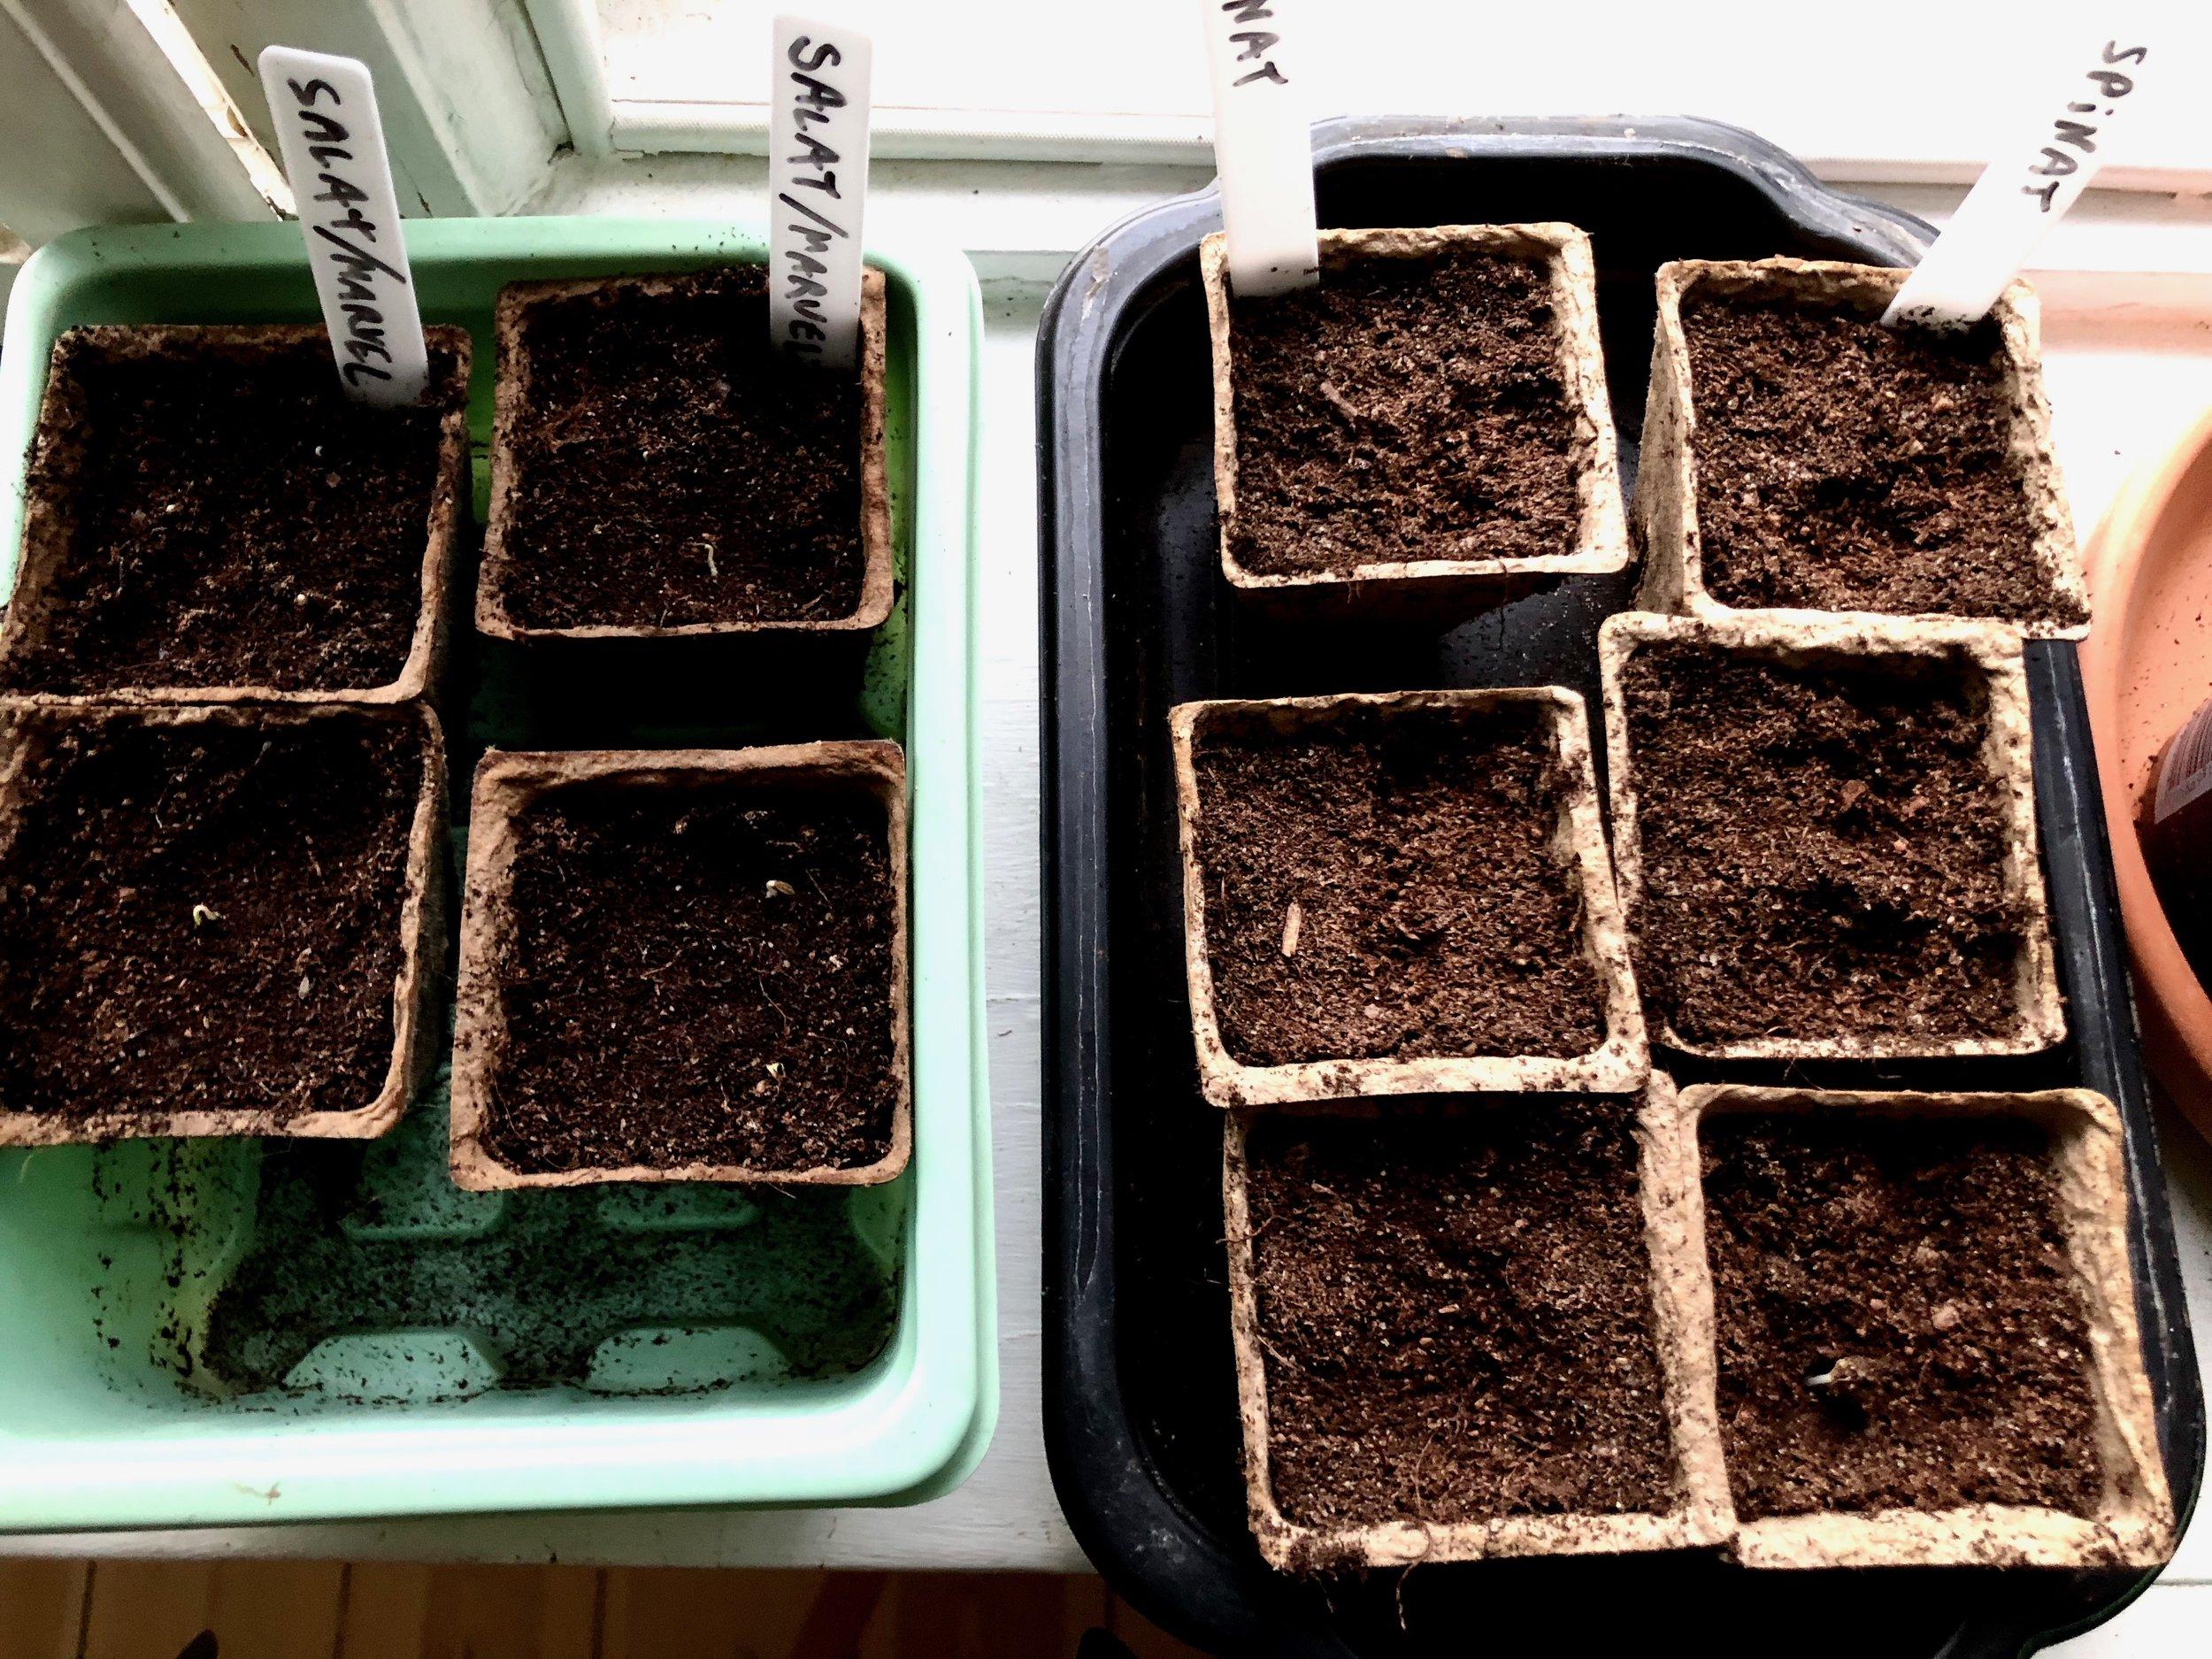 Sådan startede forspiringssæsonen for et par uger siden. Spinat, salat, ærter og rødbeder er noget af det første, jeg sætter i gang.